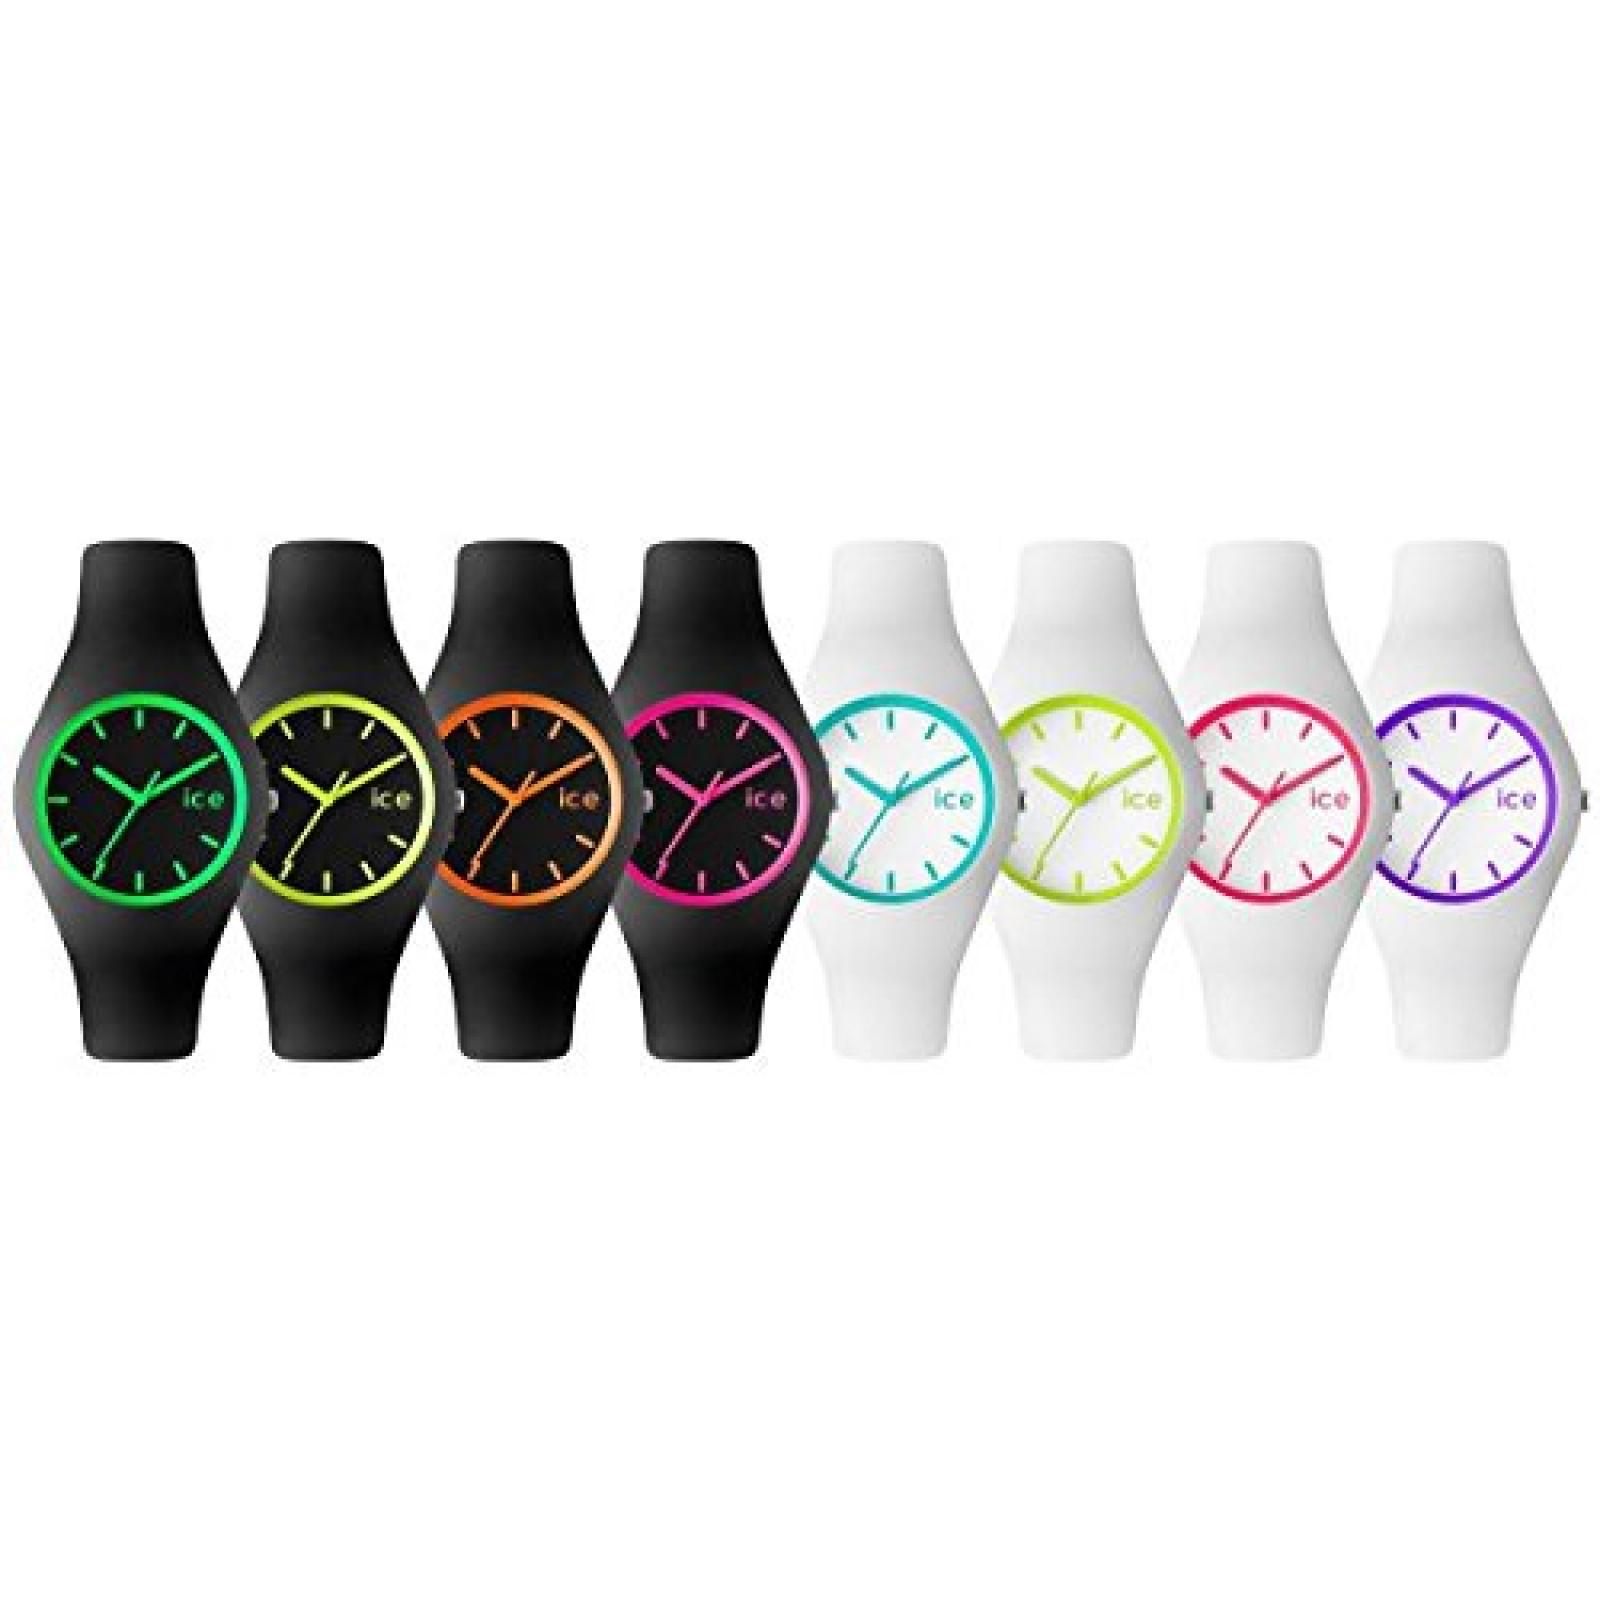 Ice Watch Crazy Unisex Farben farbiges Zifferblatt Armband Uhr